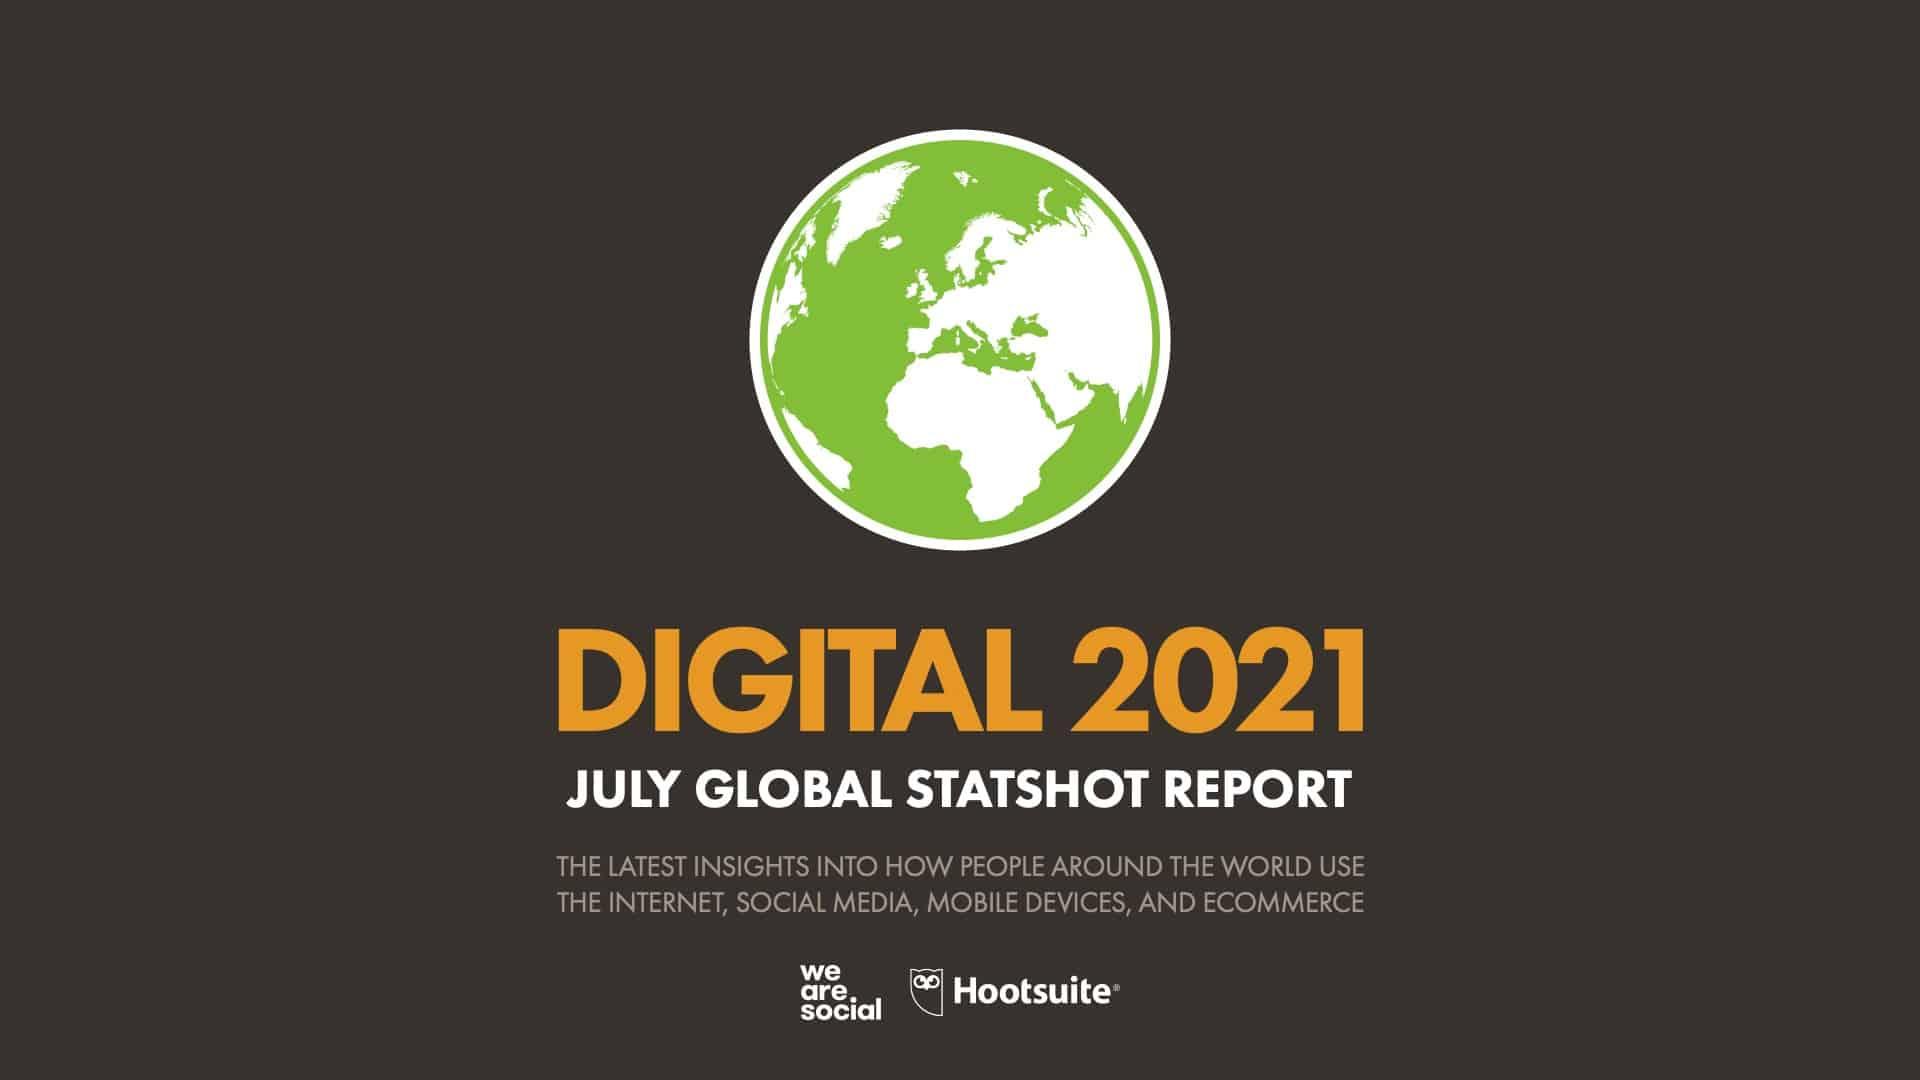 46 ข้อสรุปจากรายงาน Digital Stat 2021 ครึ่งหลังของปี จาก We Are Social